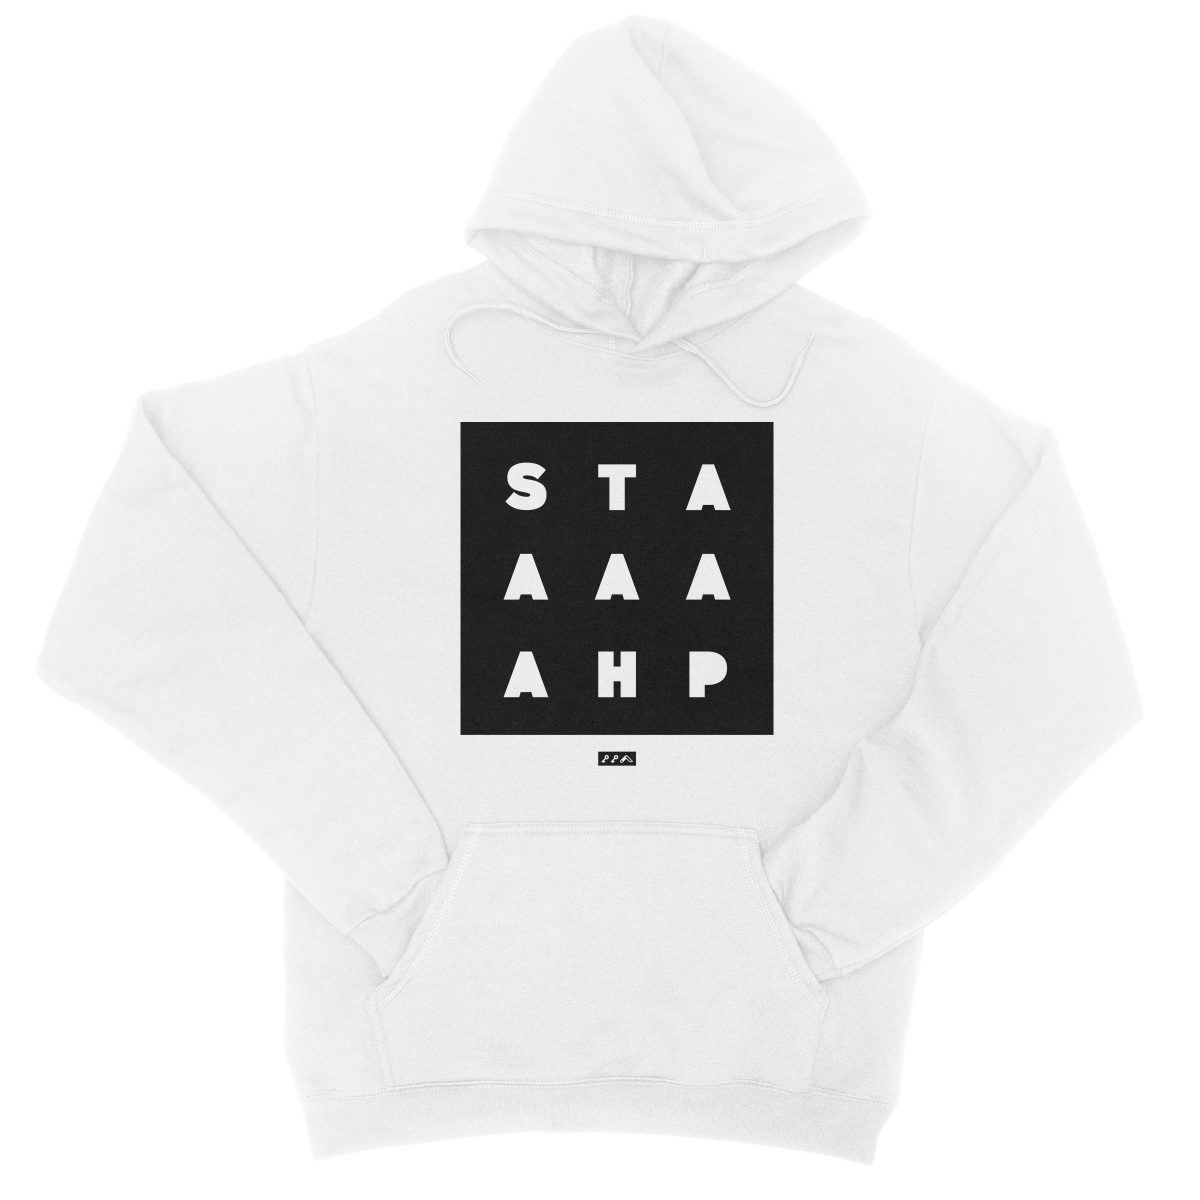 """""""STAAAAAHP"""" funny philly slang hoodie sweatshirt in white"""